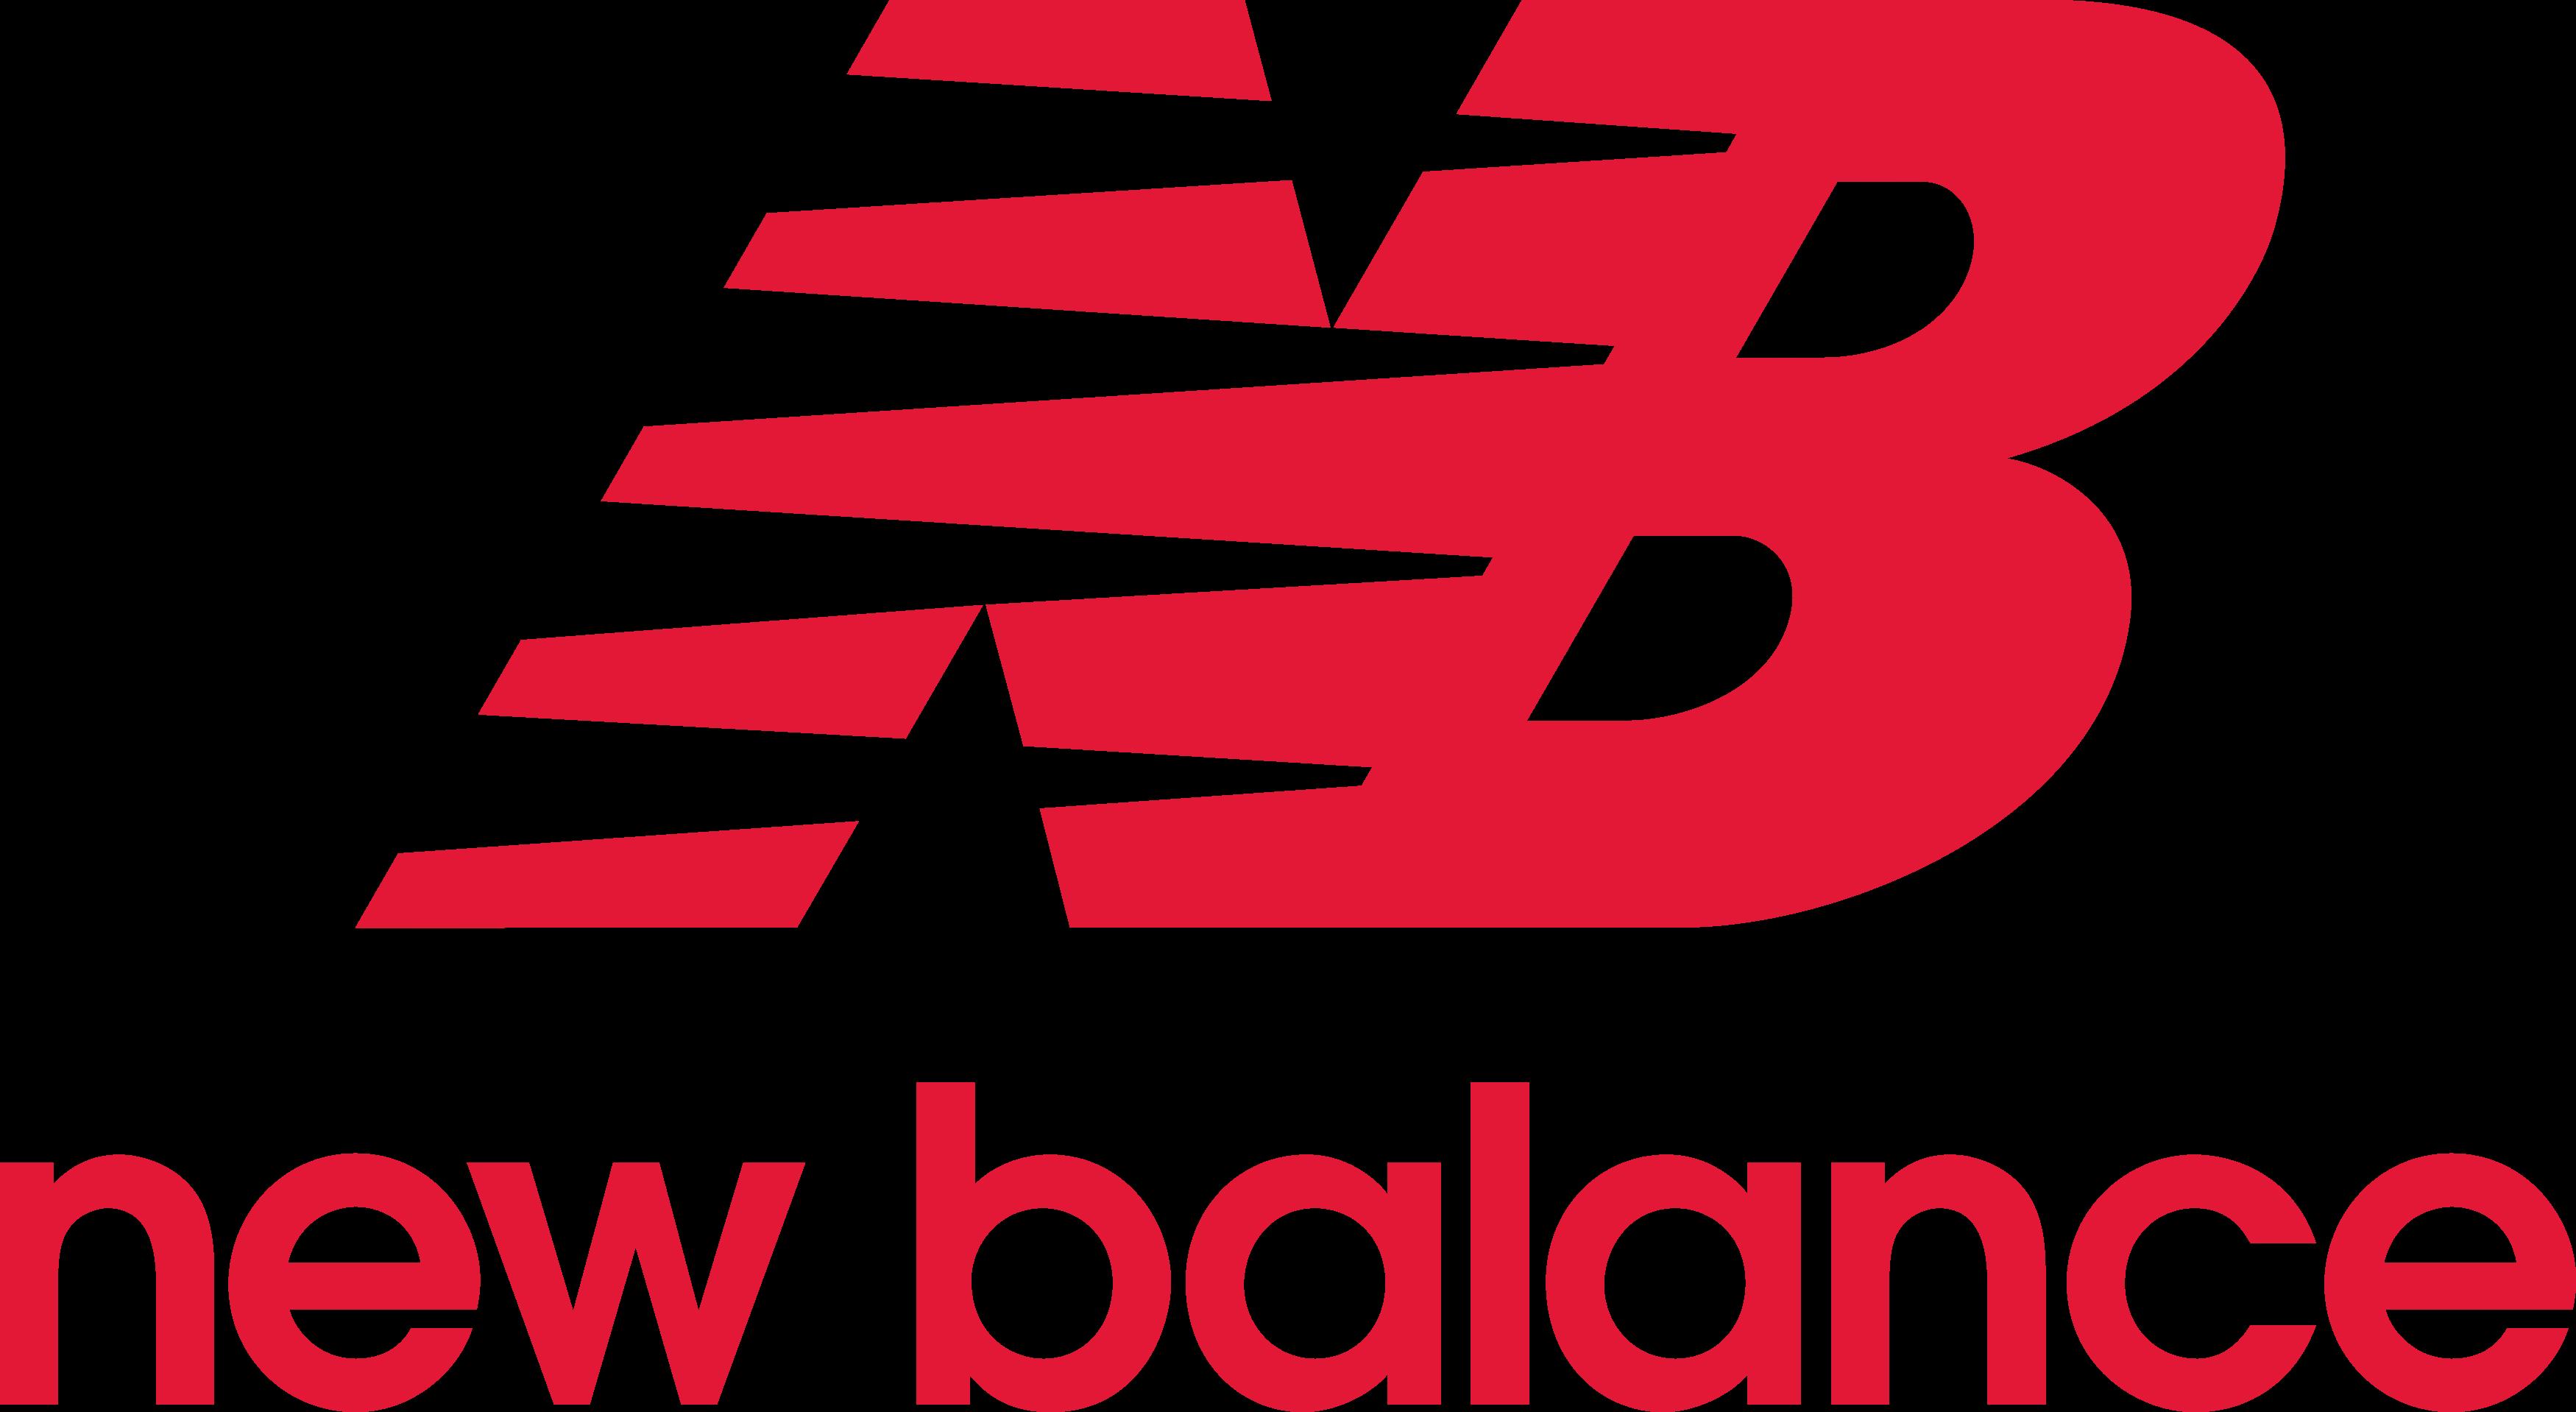 new balance logo - New Balance Logo